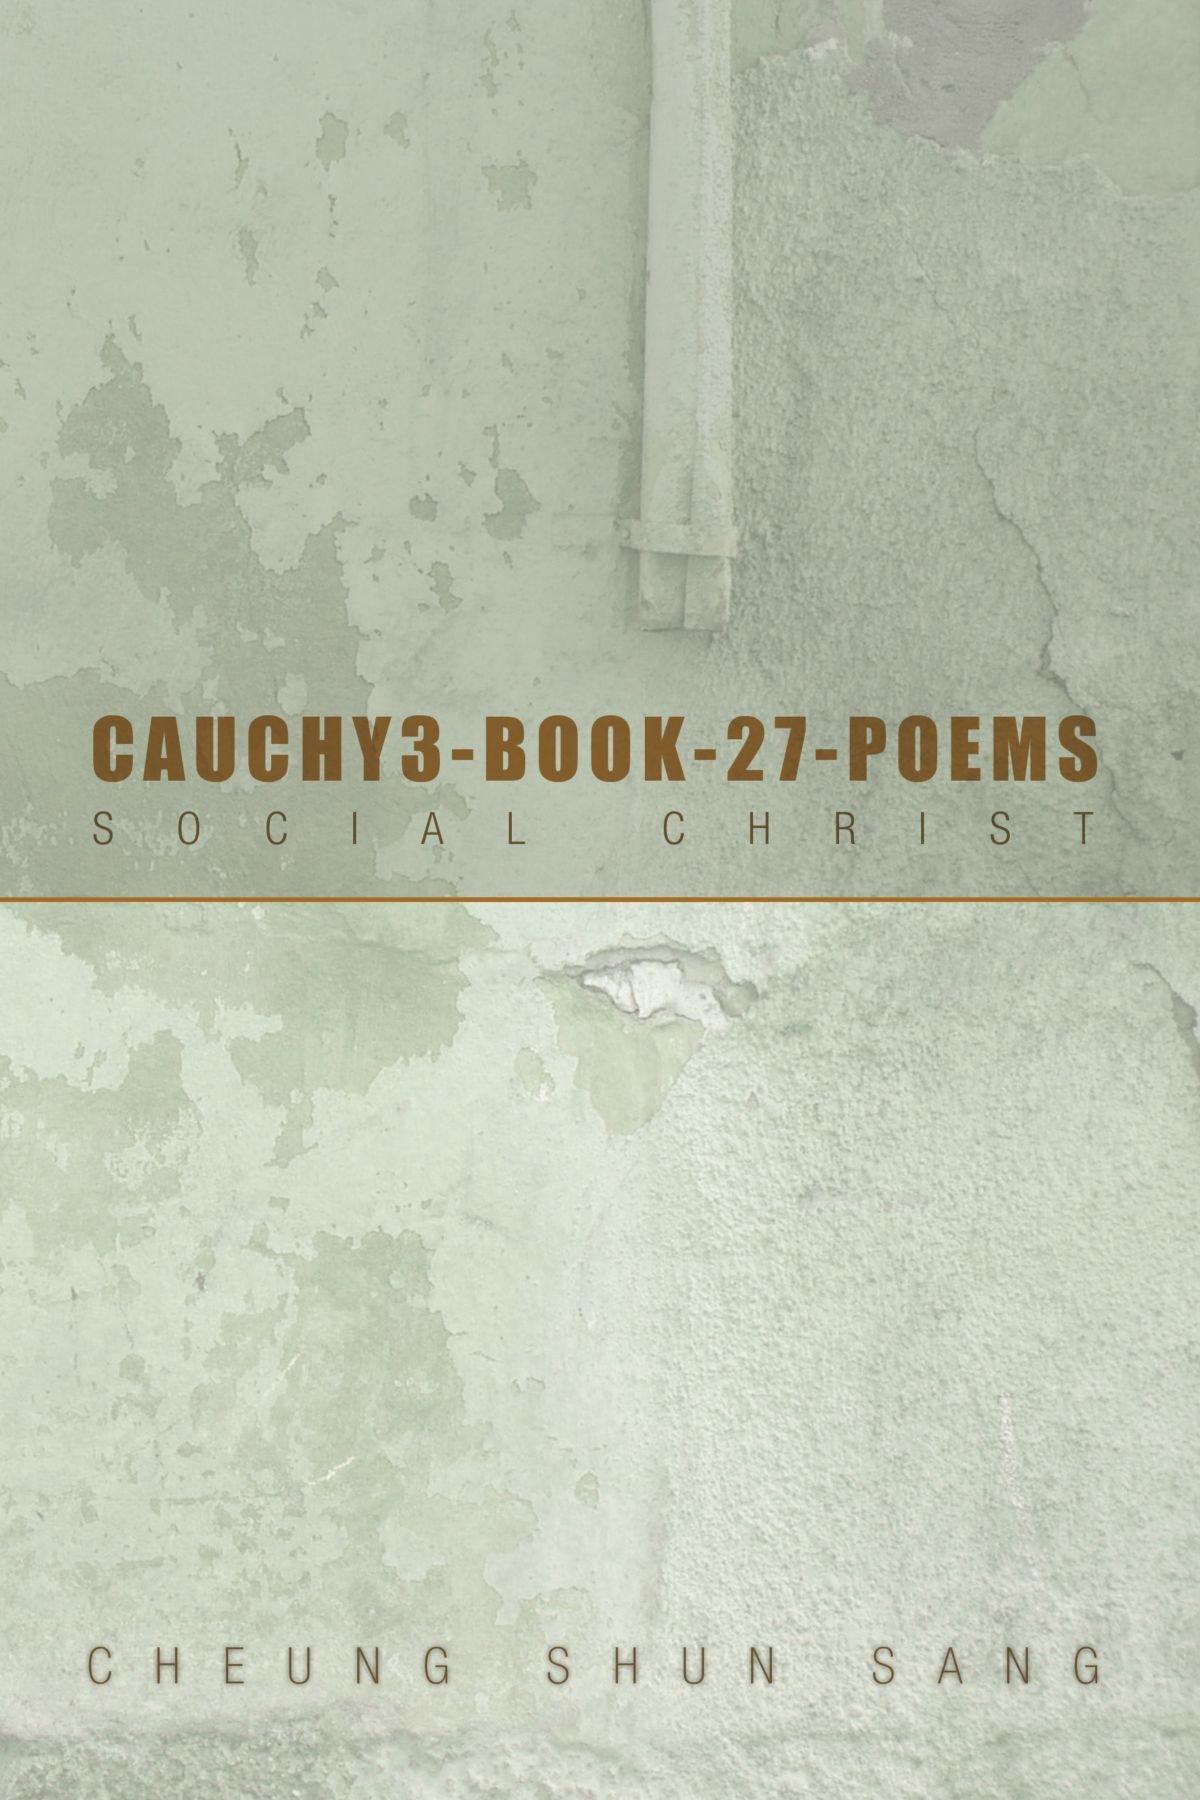 Cauchy3-Book-27-Poems: Social Christ PDF